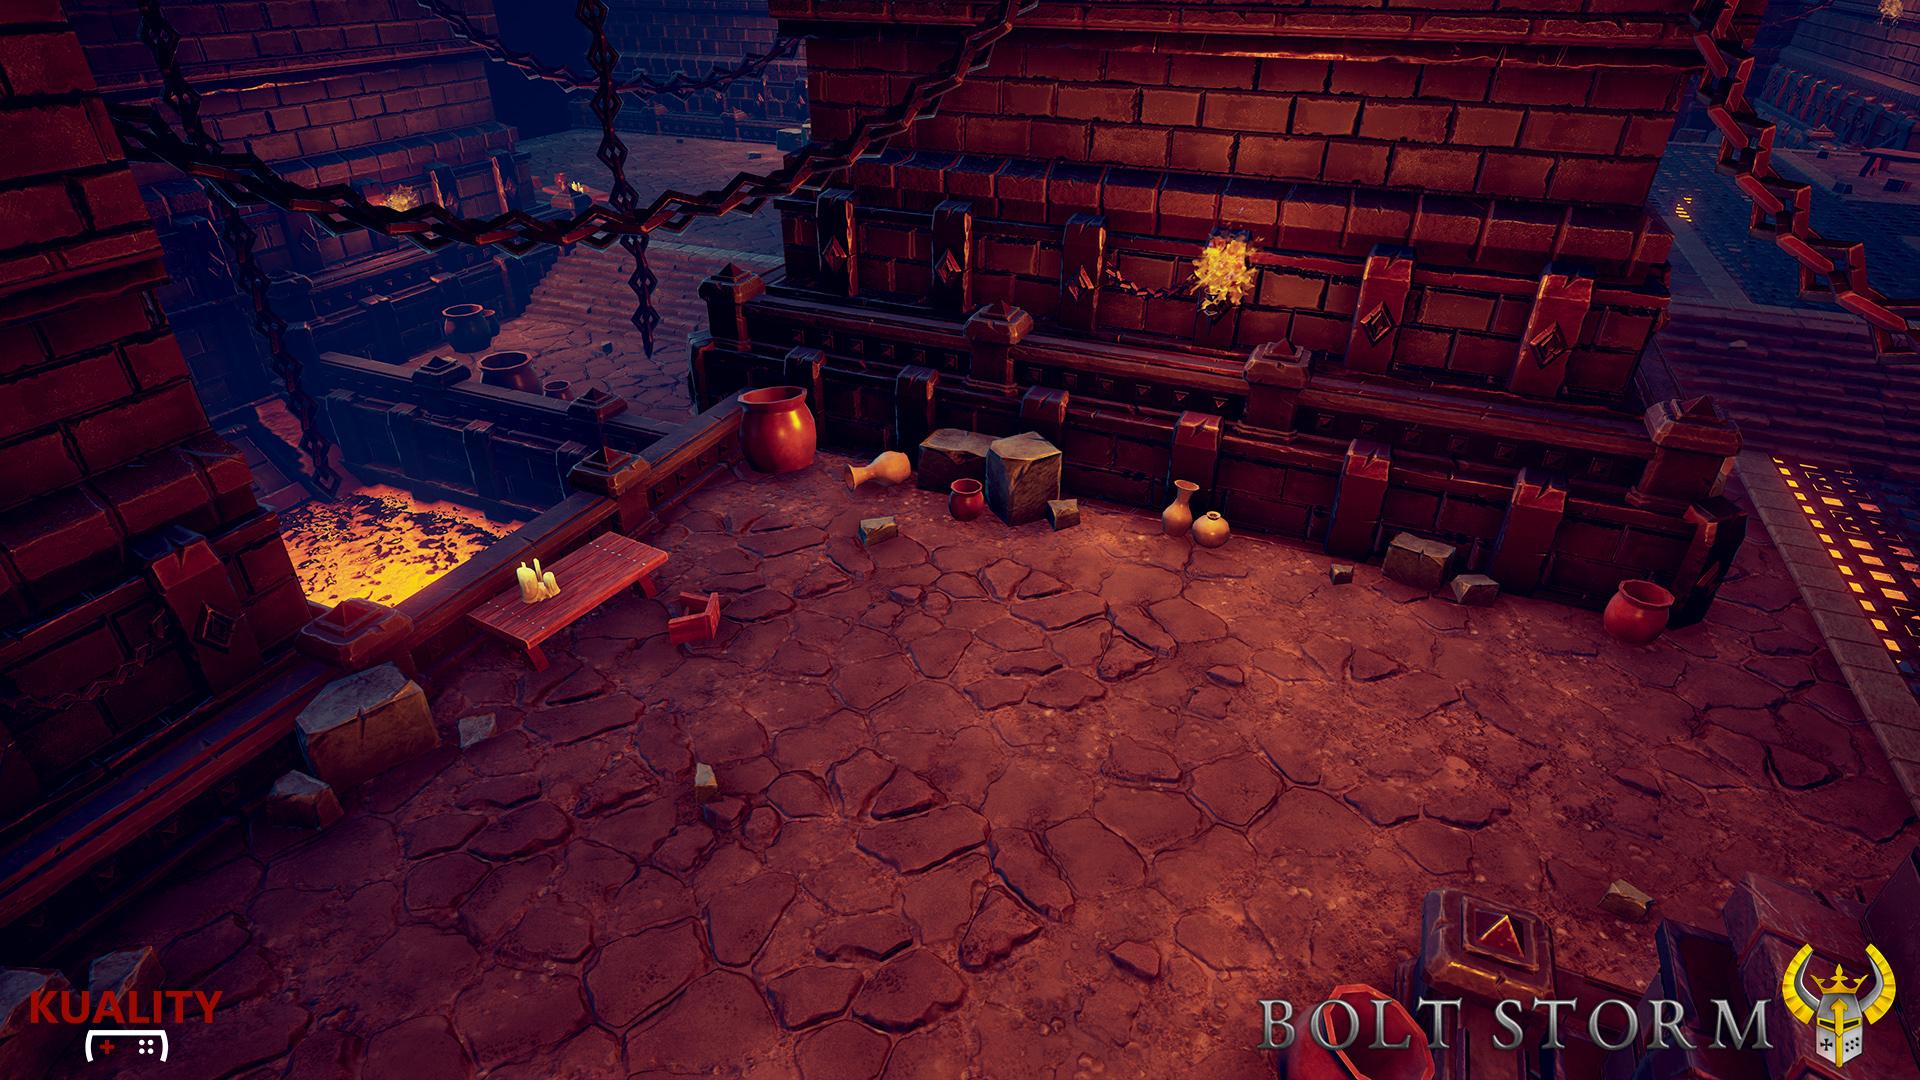 Bolt Storm - Morgue Area